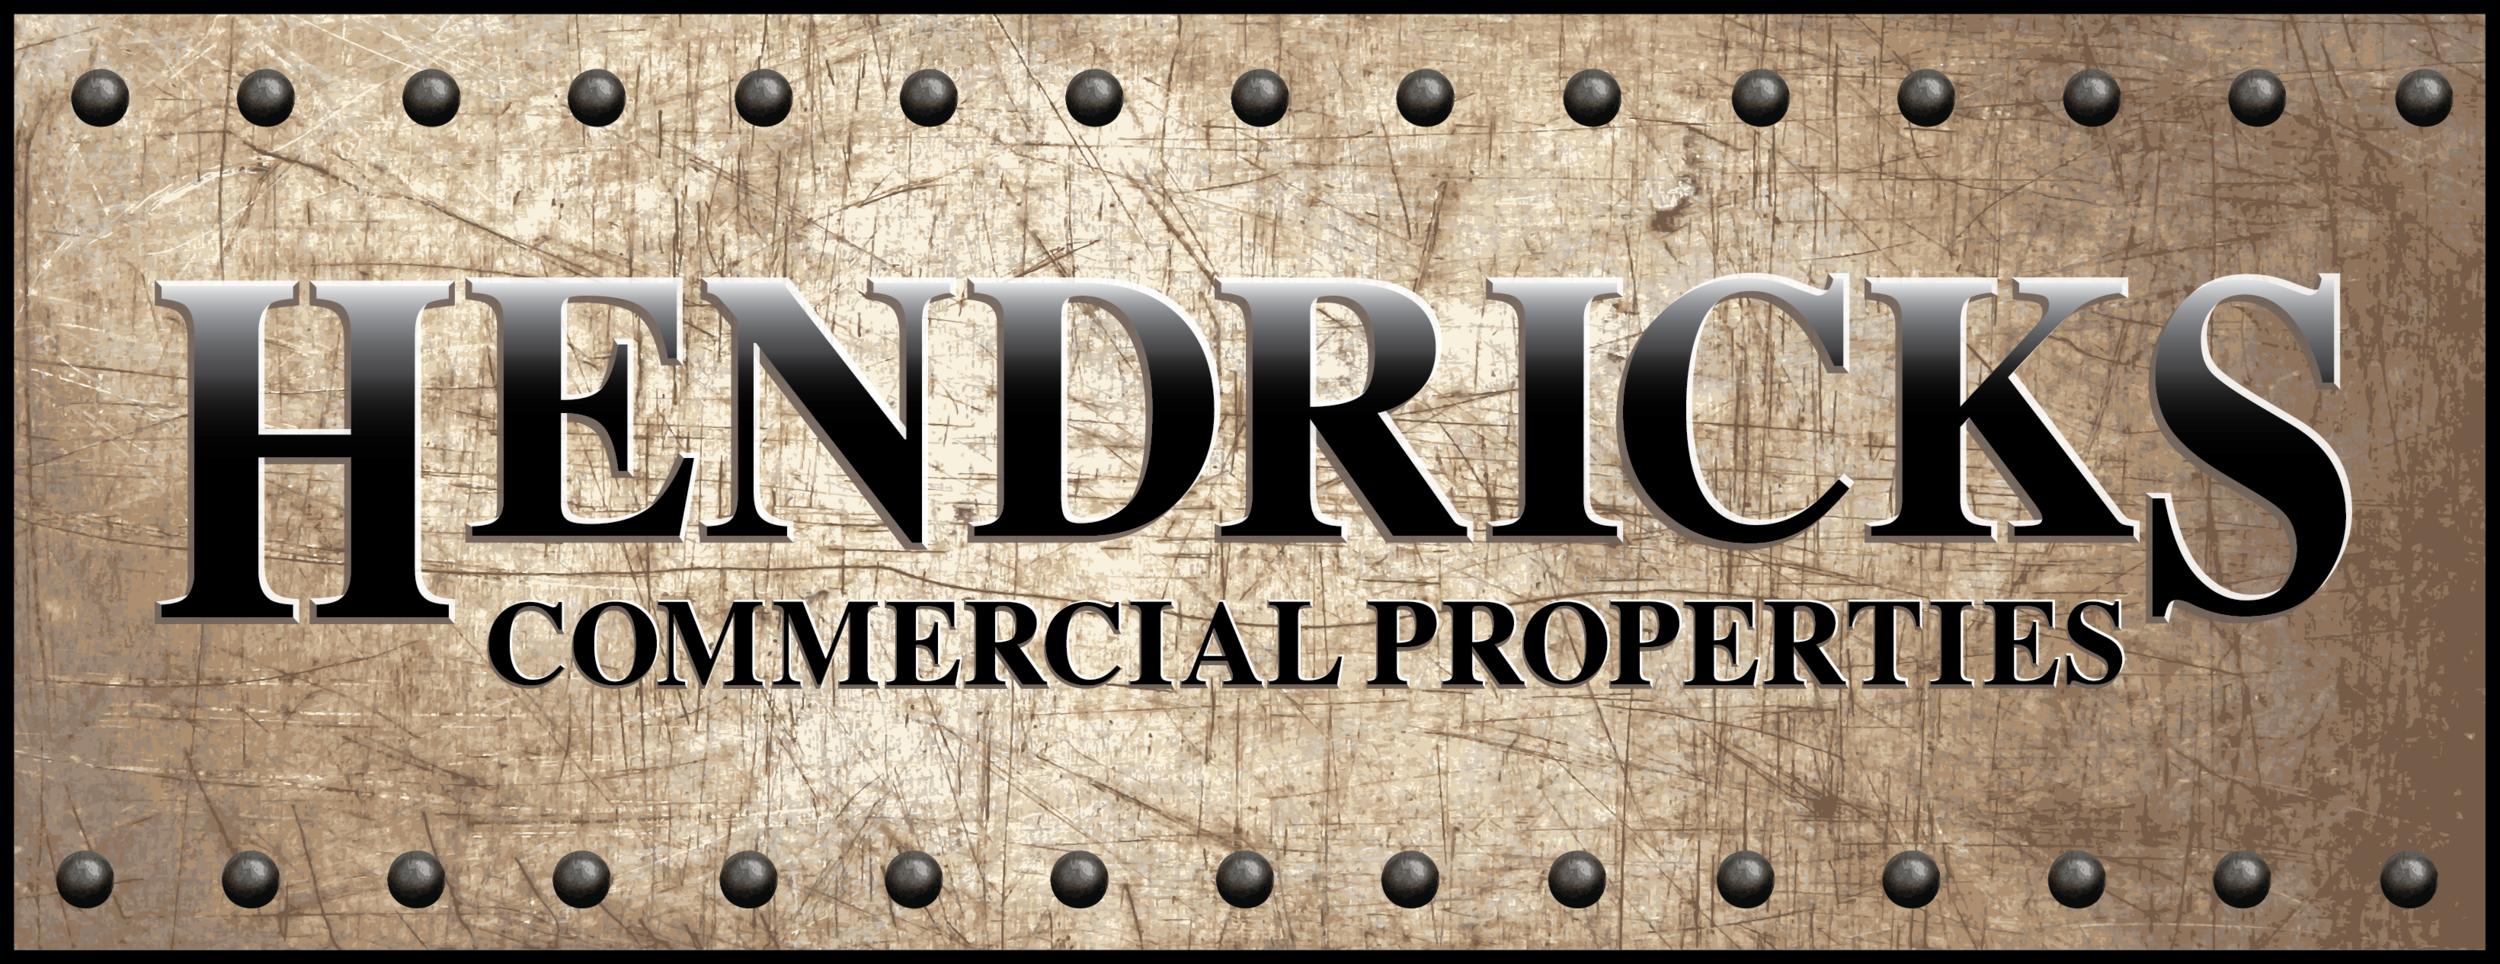 Hendricks Commercial Properties.png